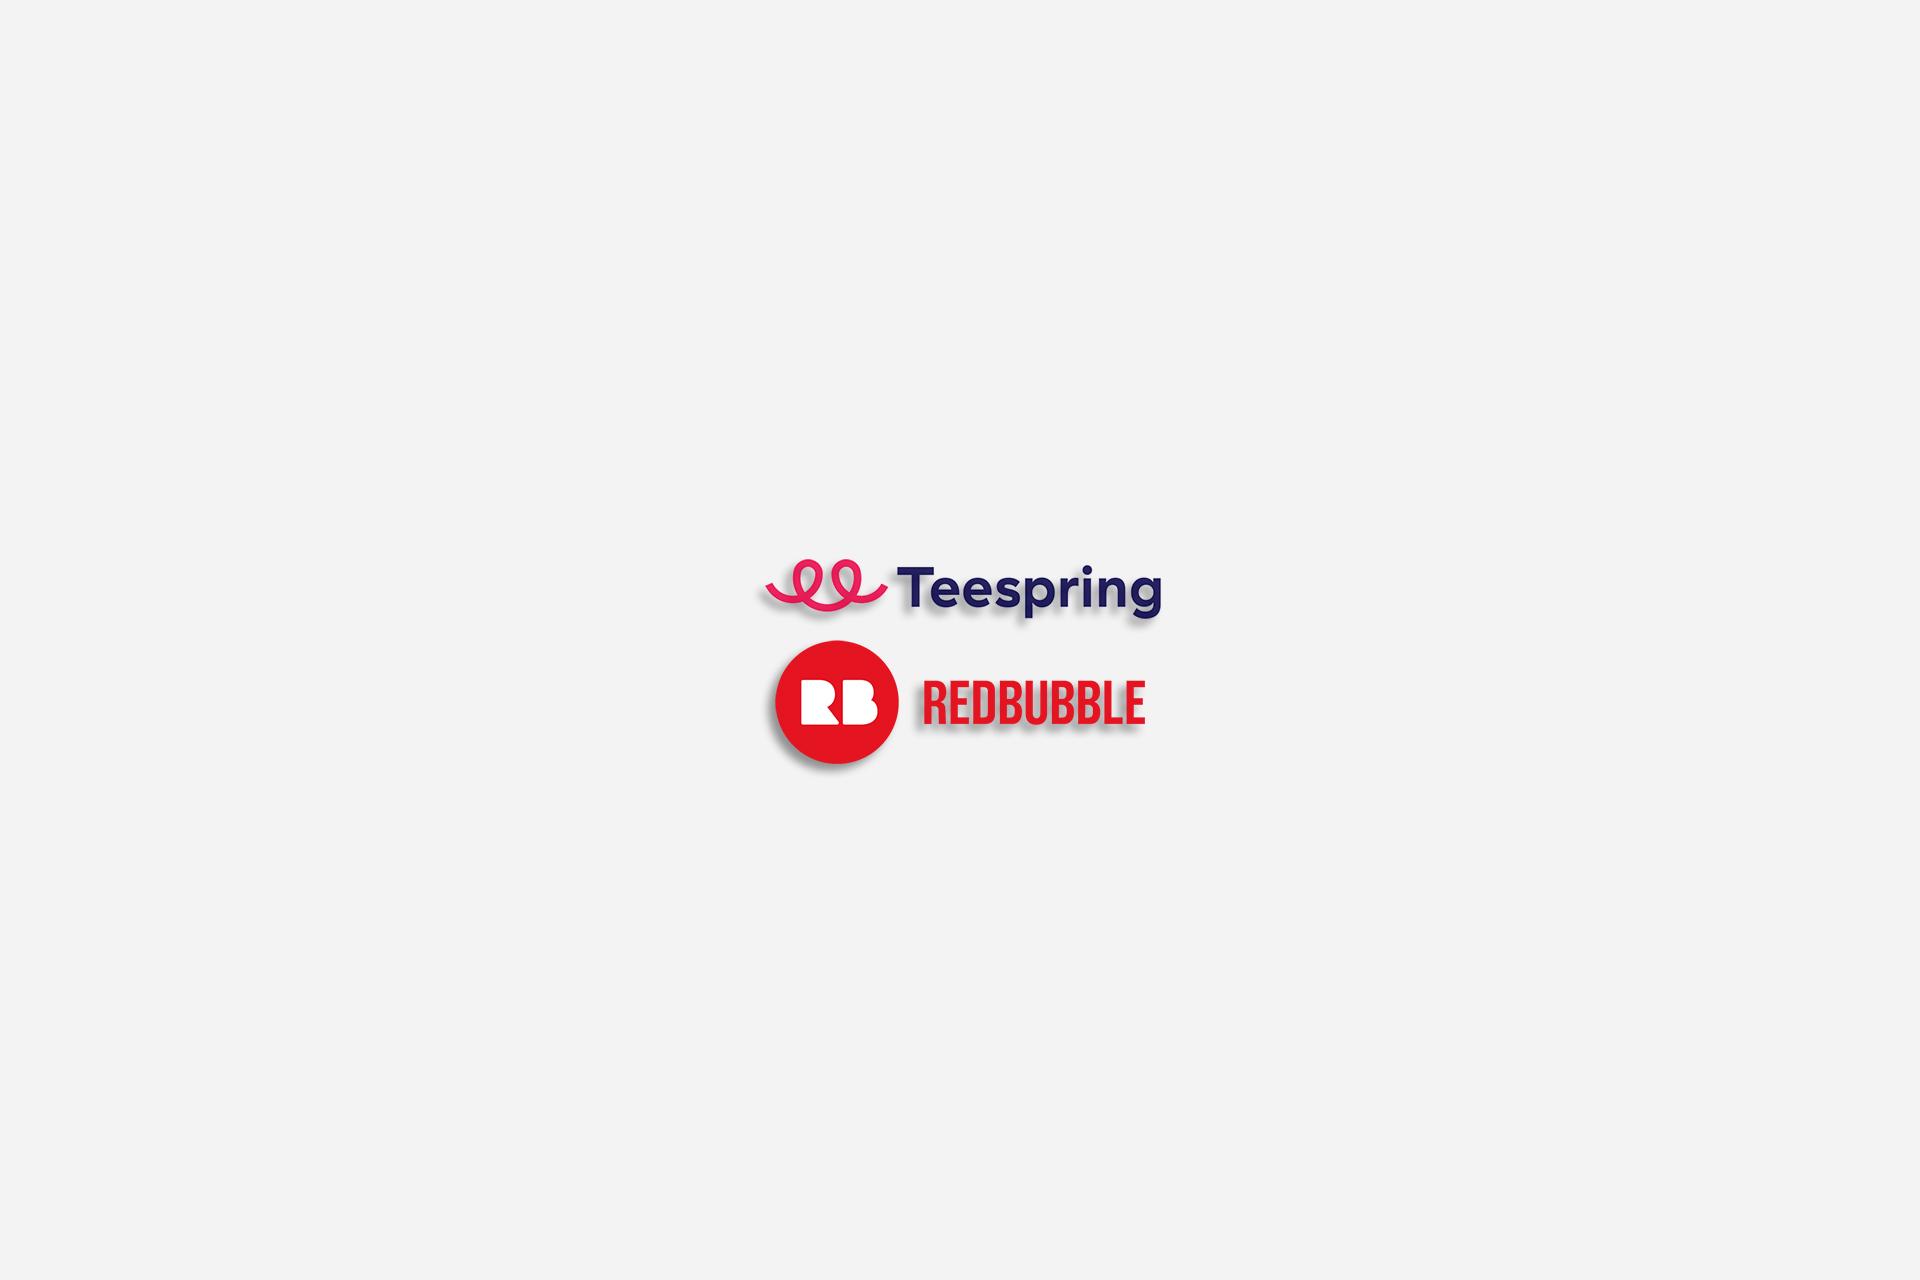 ایده کسب درآمد دلاری با چاپ بنابر تقاضا, Teespring, Redbubble